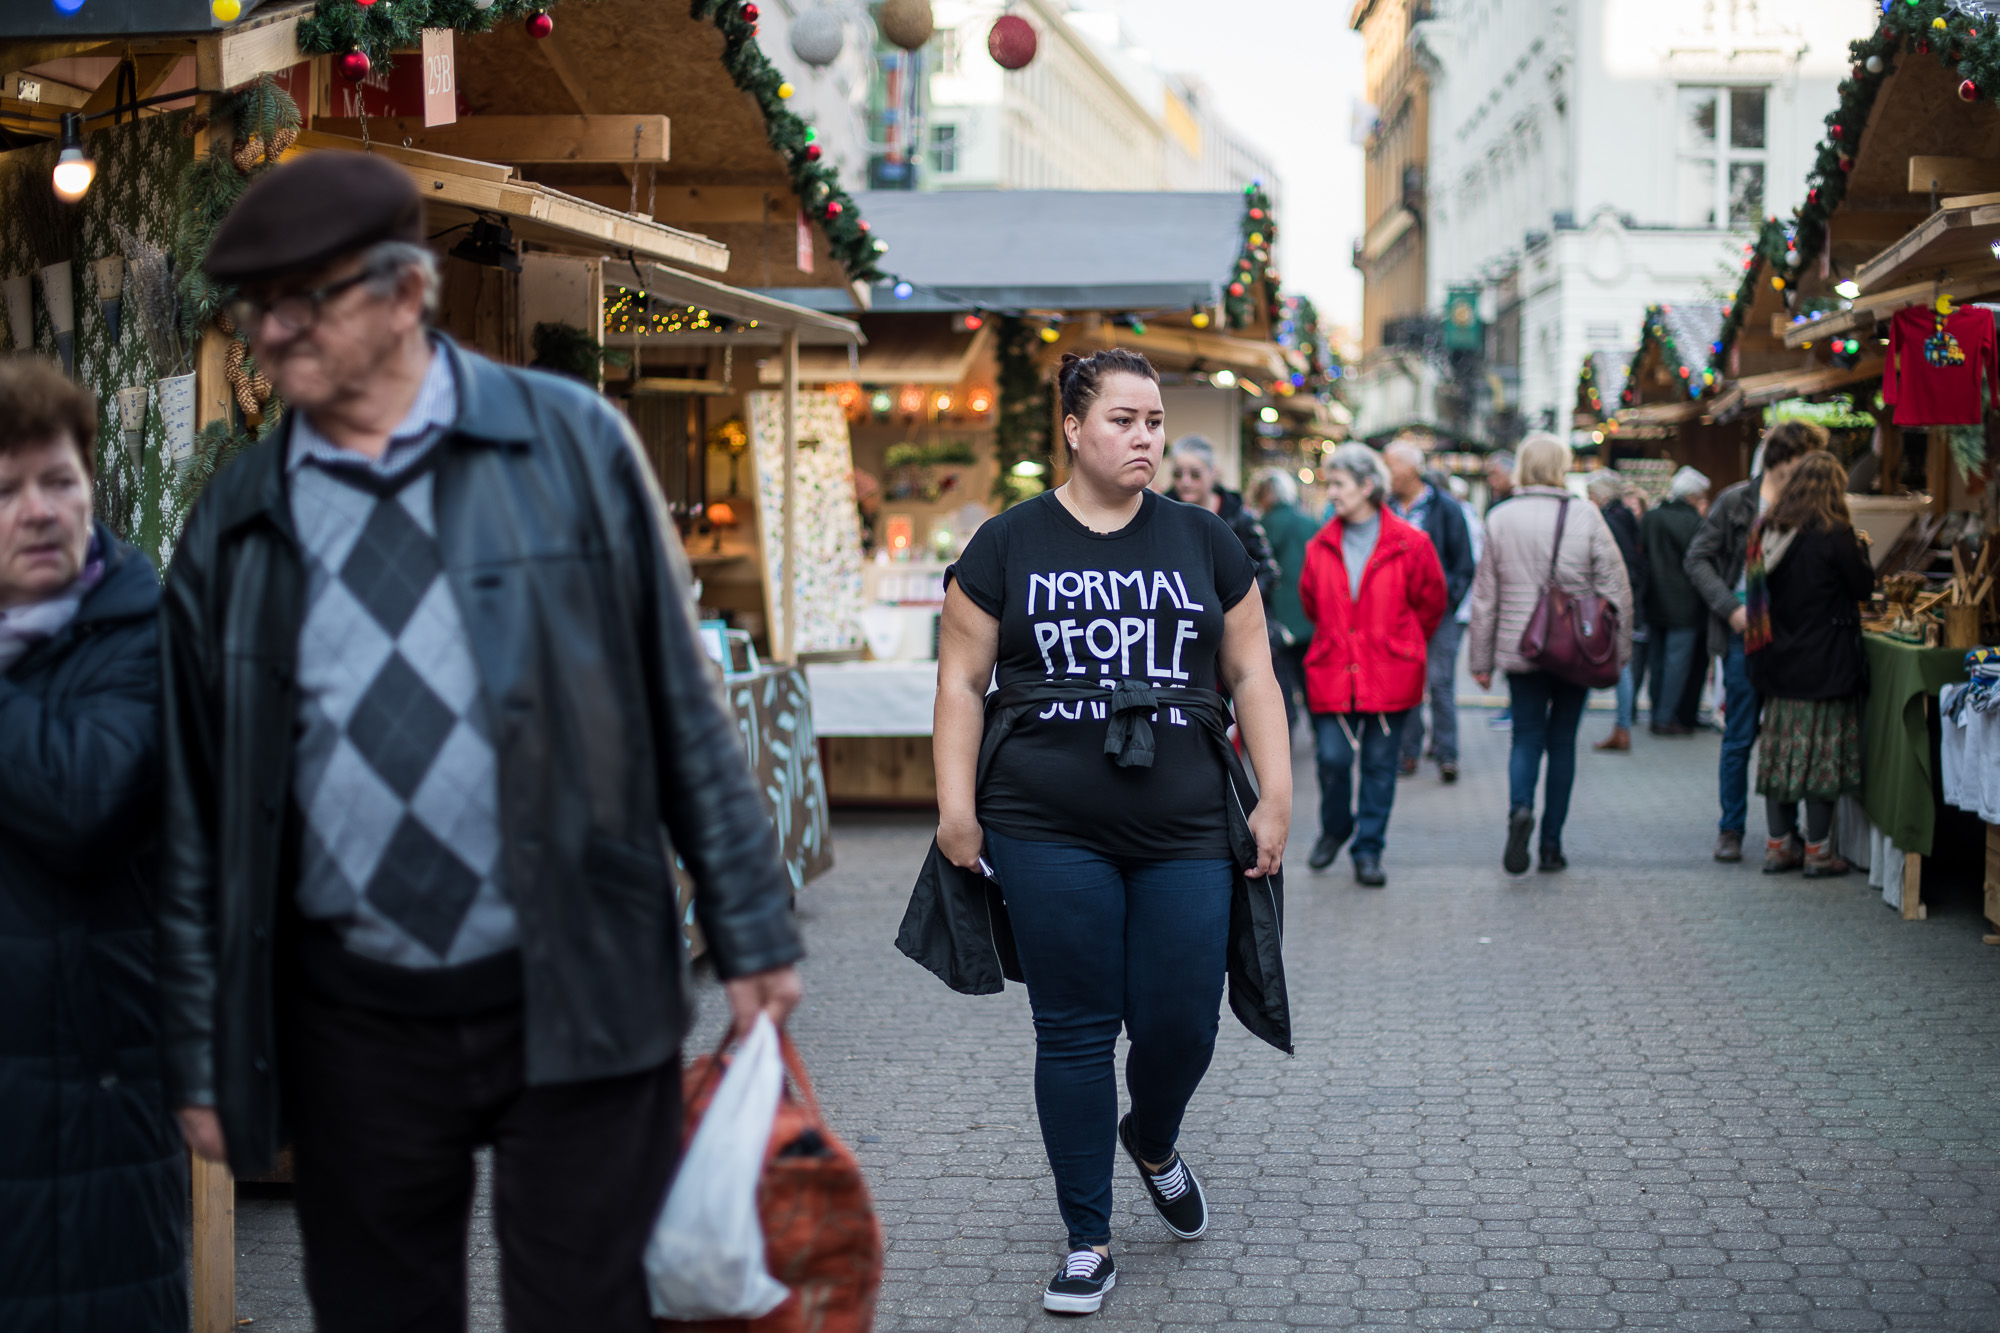 Karácsonyi vásár 2018-ban, 15 fokban